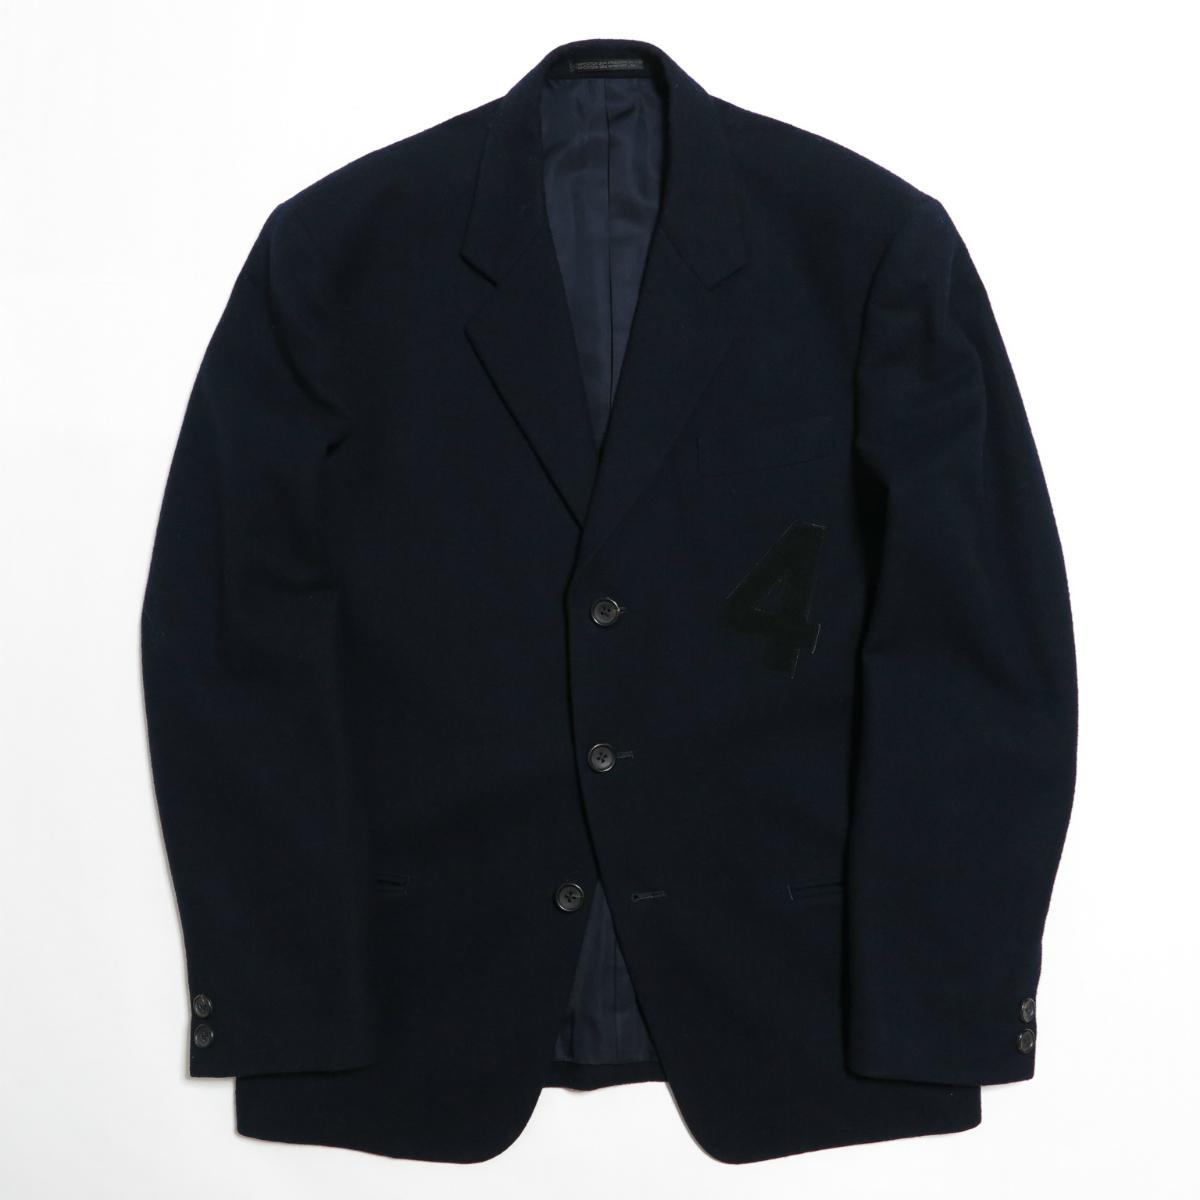 80s Yohji Yamamoto POUR HOMME 1987AW Melton Wool Jacket M ヨウジヤマモト プールオム ジャケット ヴィンテージ アーカイブ 初期_画像1